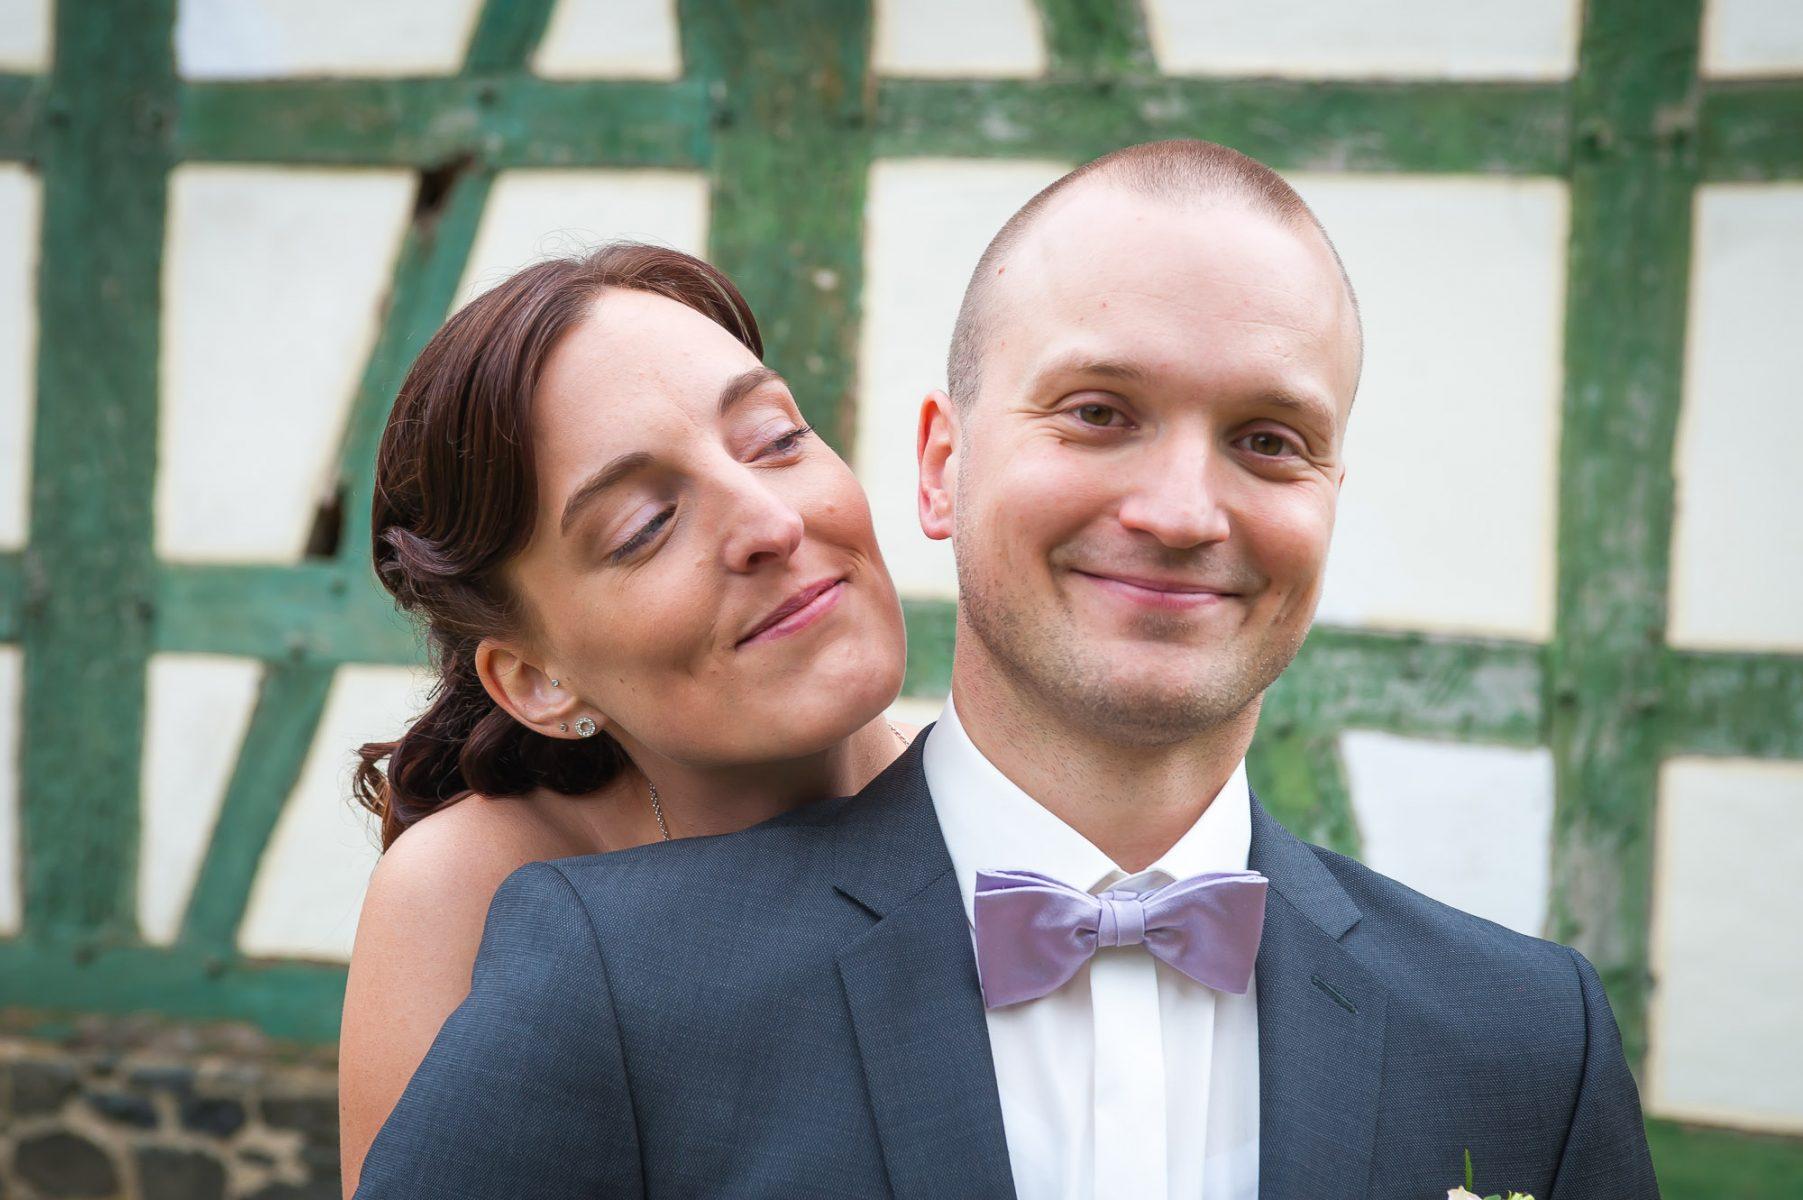 Hochzeit NadineKai 10 2017 B2000 226444 1803x1200 - ZWEISAM